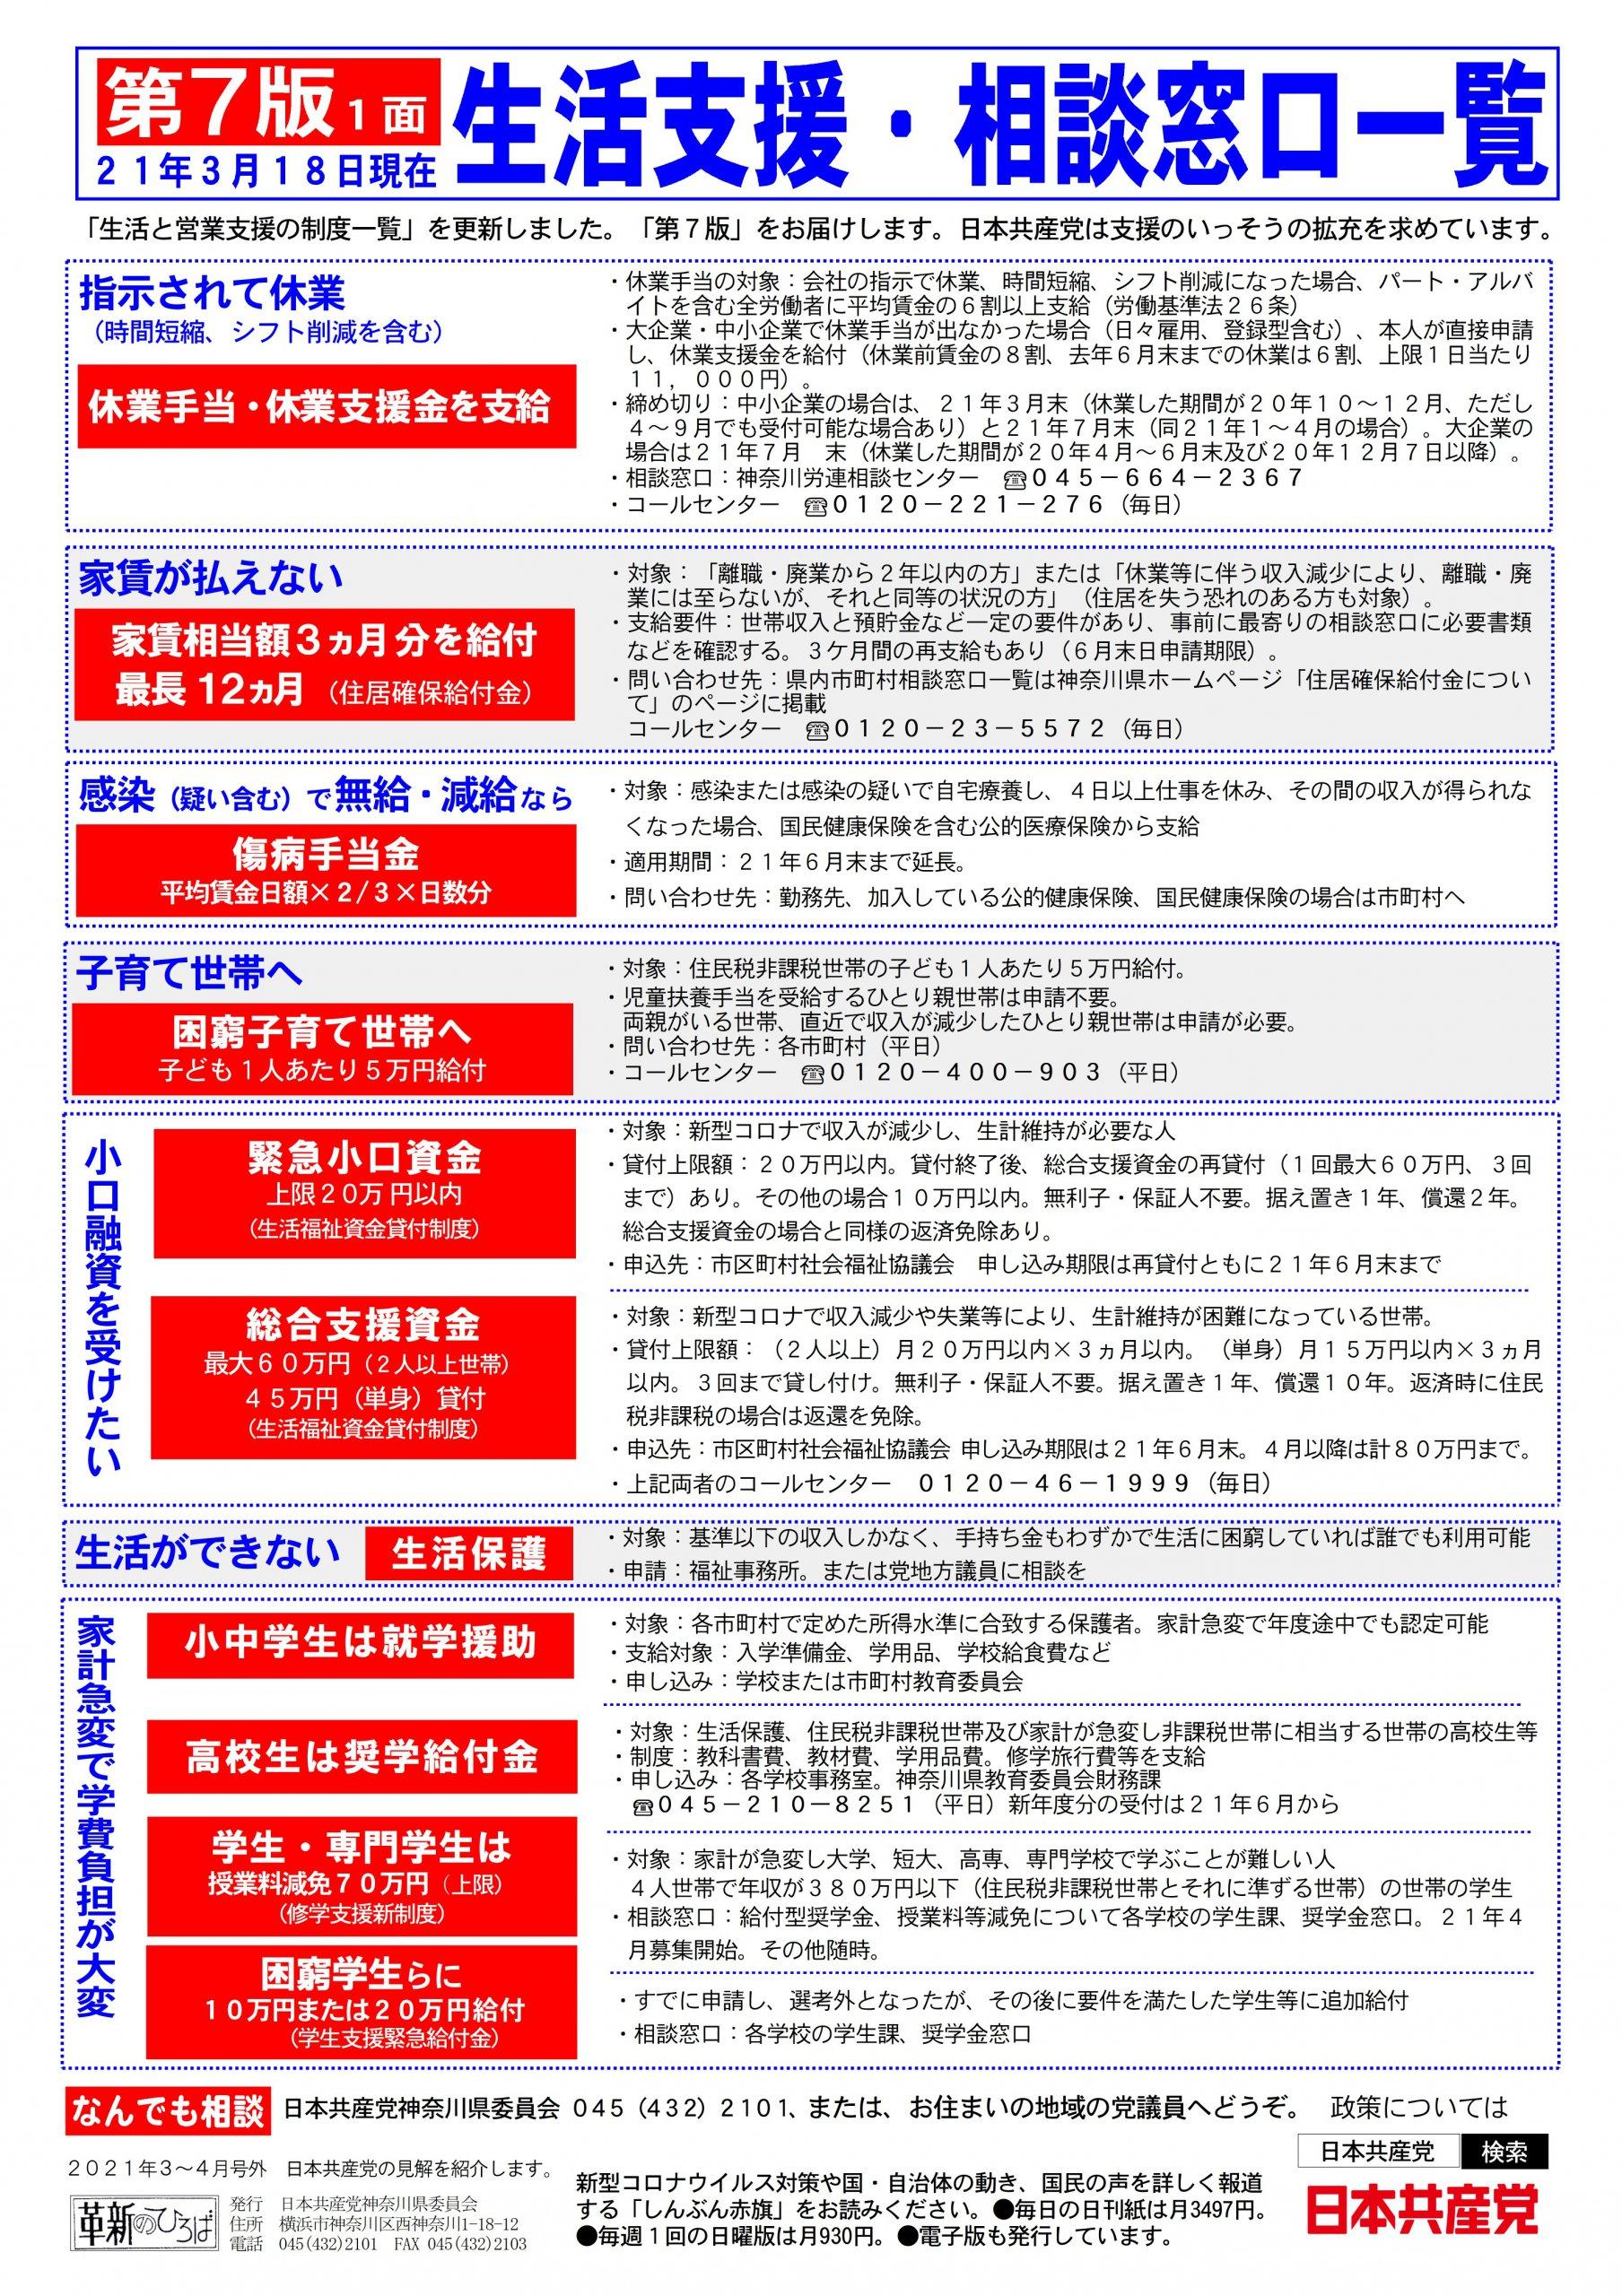 生活支援・相談窓口一覧(1).jpg